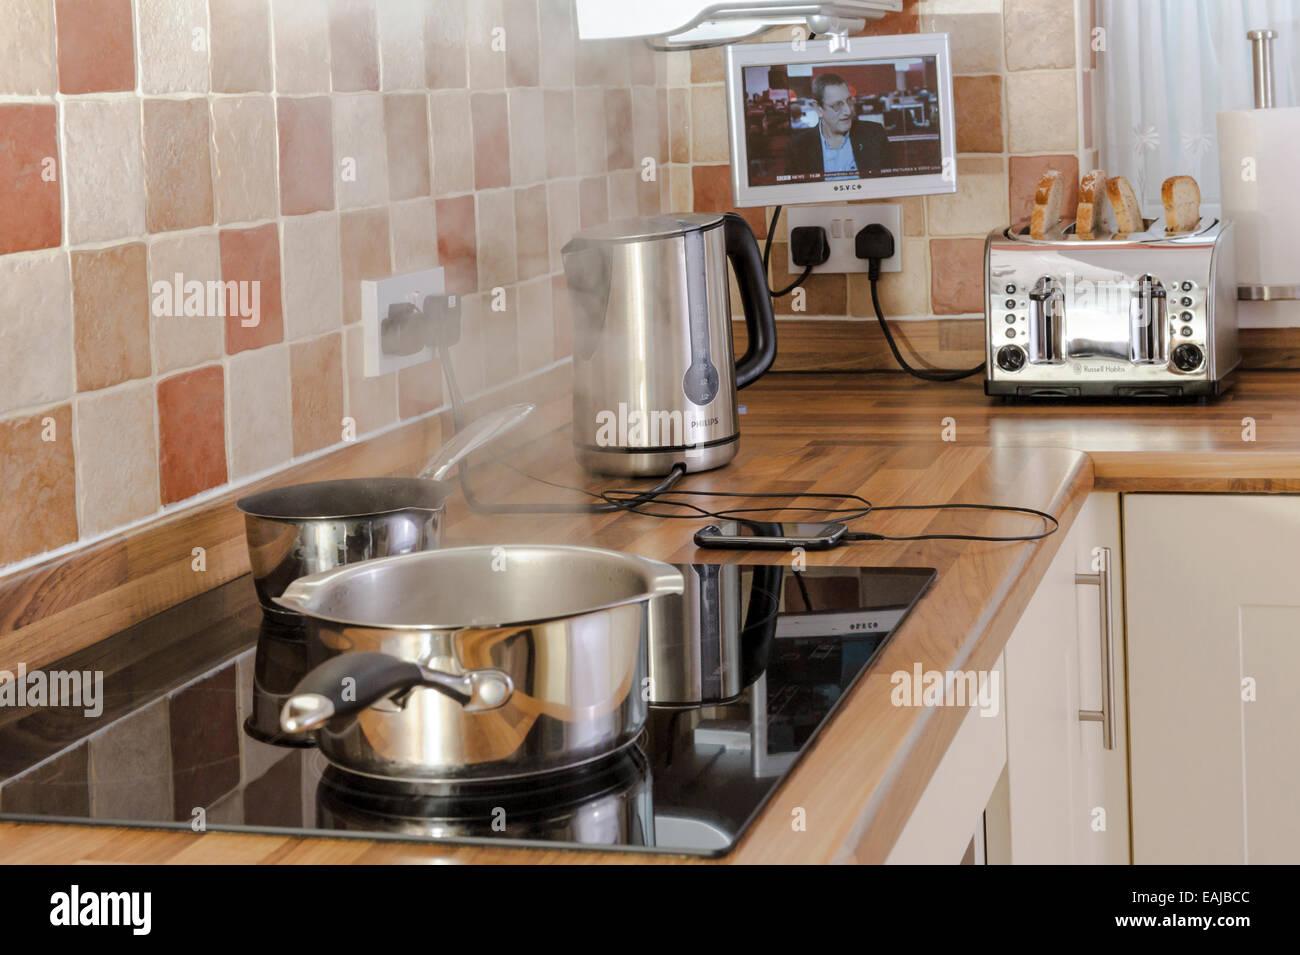 Viele Geräte in einer modernen Küche verwendet wird. Schweren elektrischen Verbrauch. Stockbild